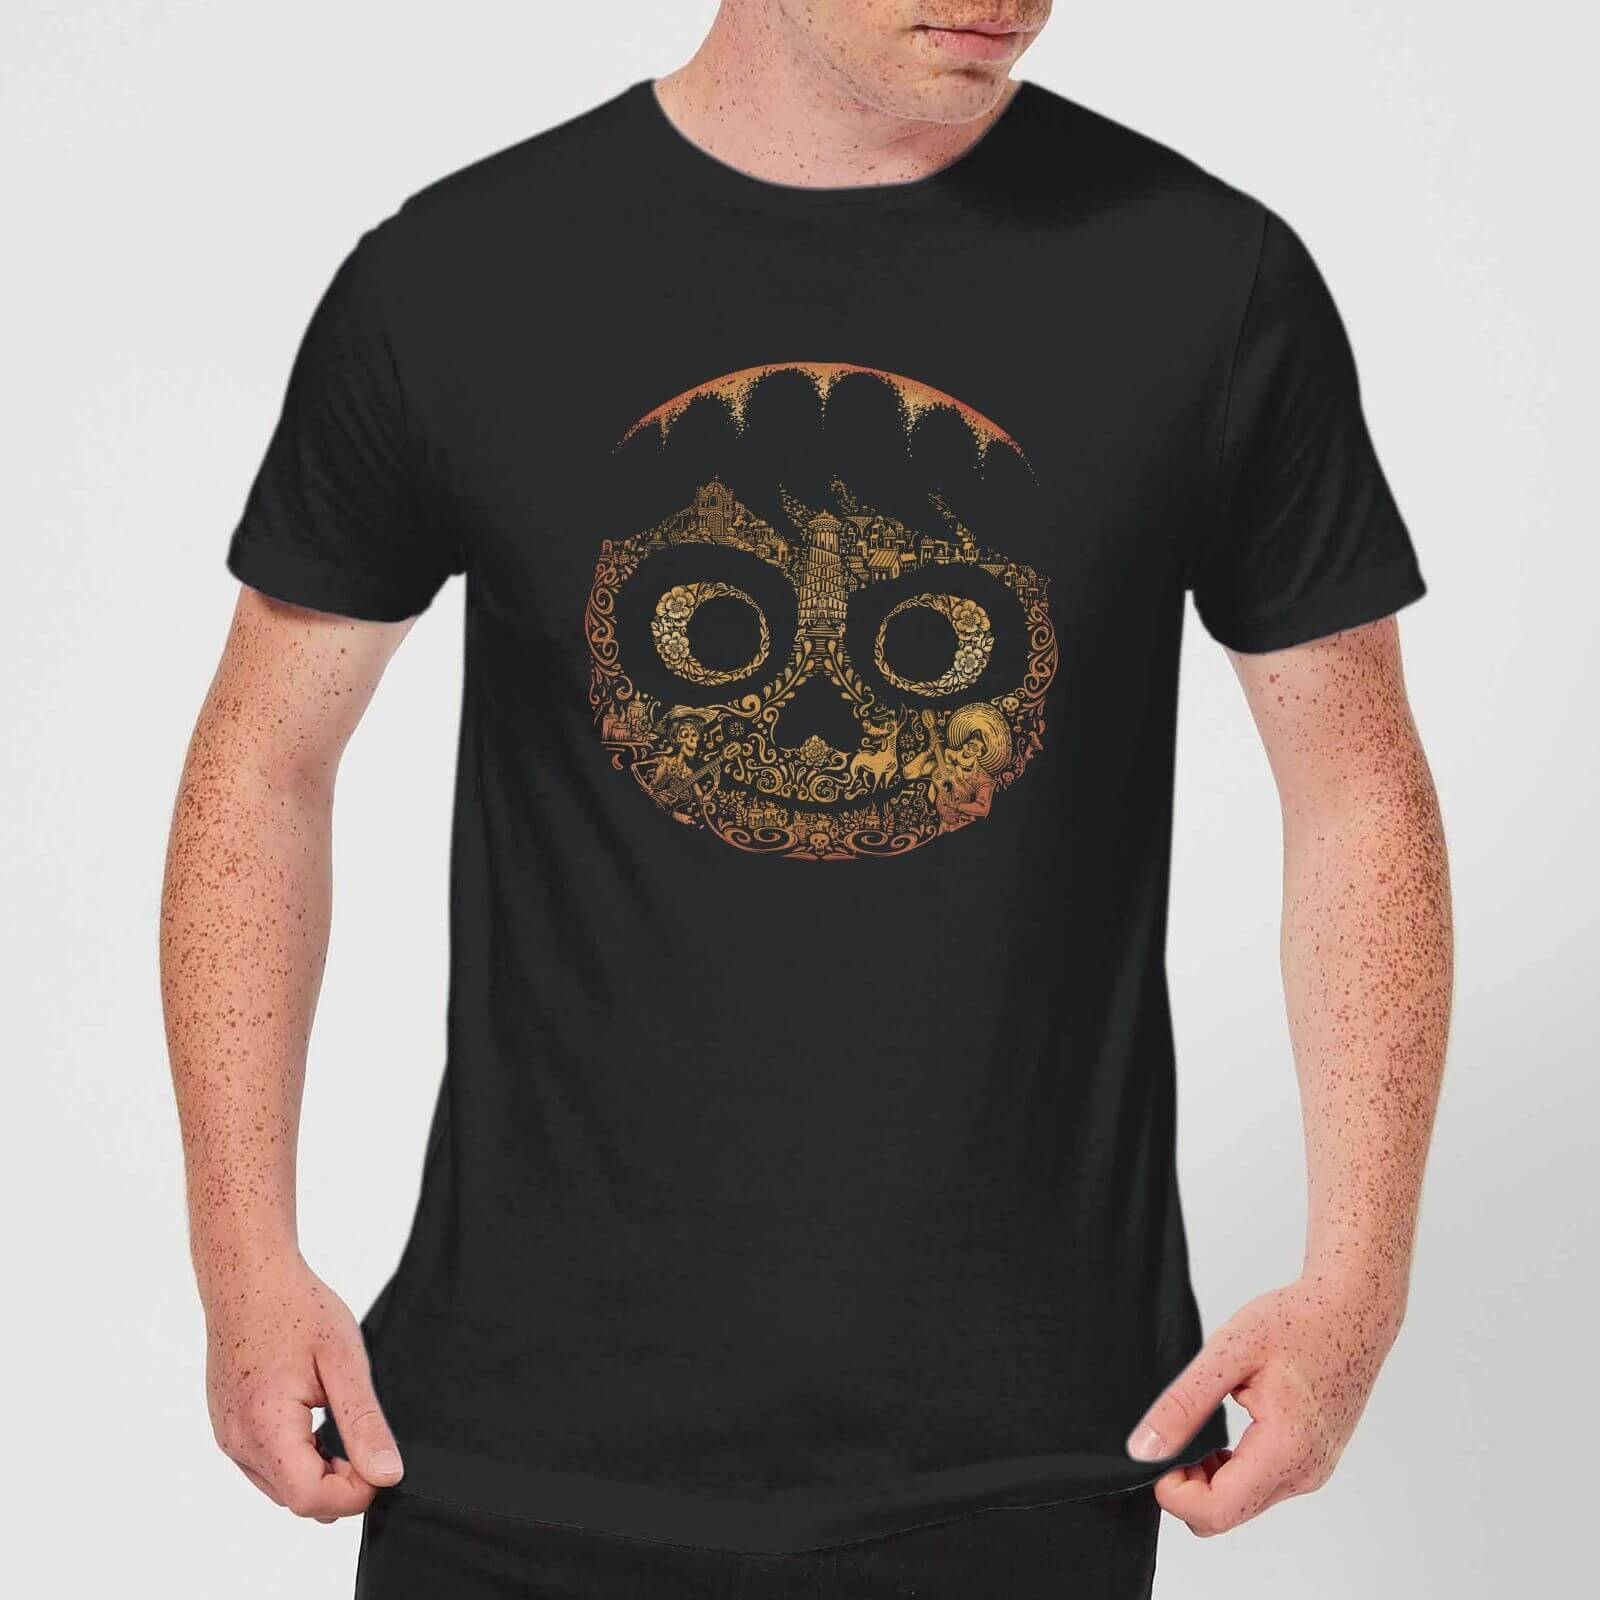 Pixar T-Shirt Homme Visage Miguel Coco - Noir - XL - Noir